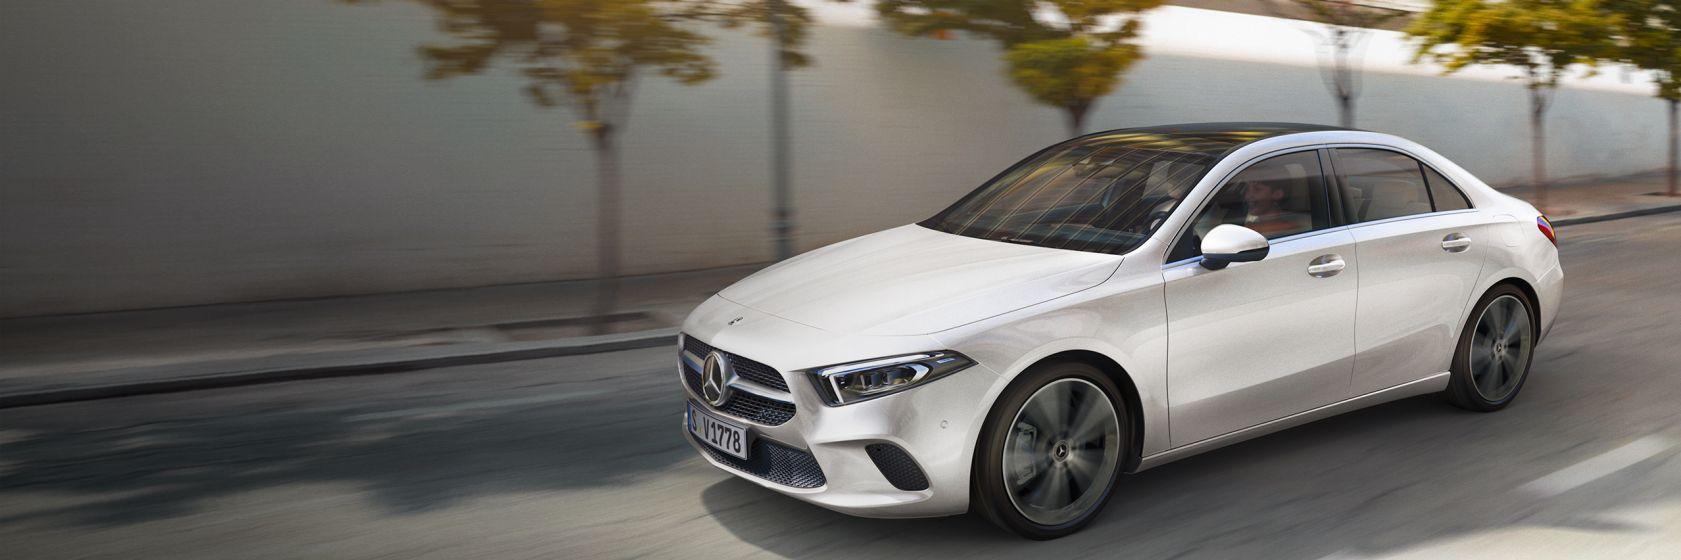 Mercedes-Benz A-Class Saloon: Highlights